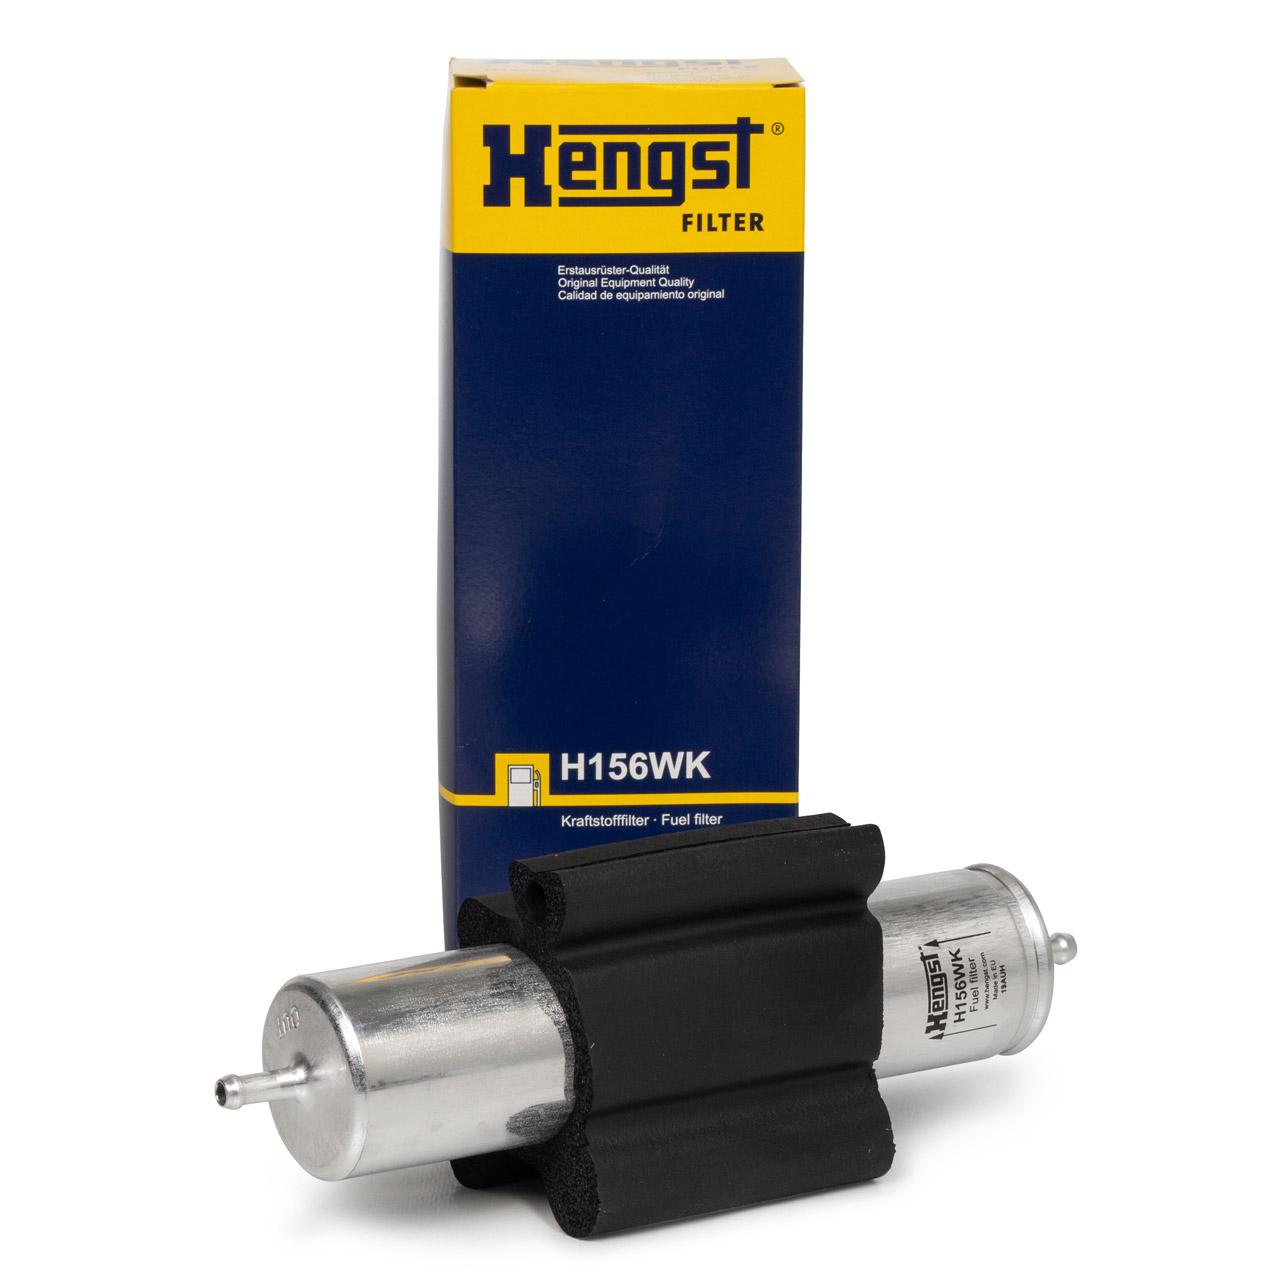 HENGST H156WK Kraftstofffilter Dieselfilter BMW E46 318d ab 04.2003 320d 330d